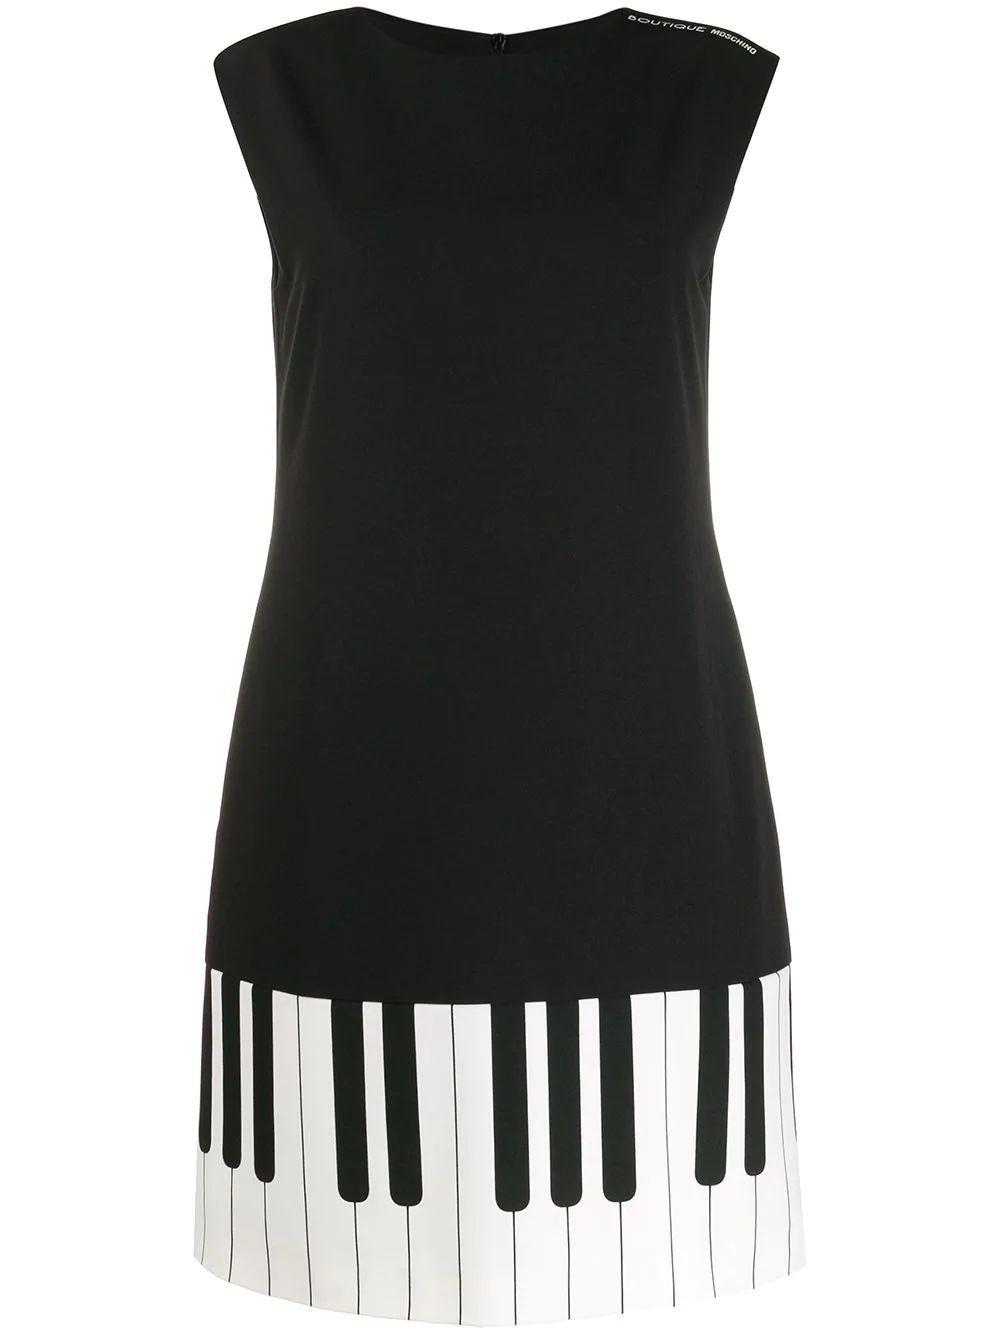 Sleeveless Piano Key Dress Item # 0440-5834